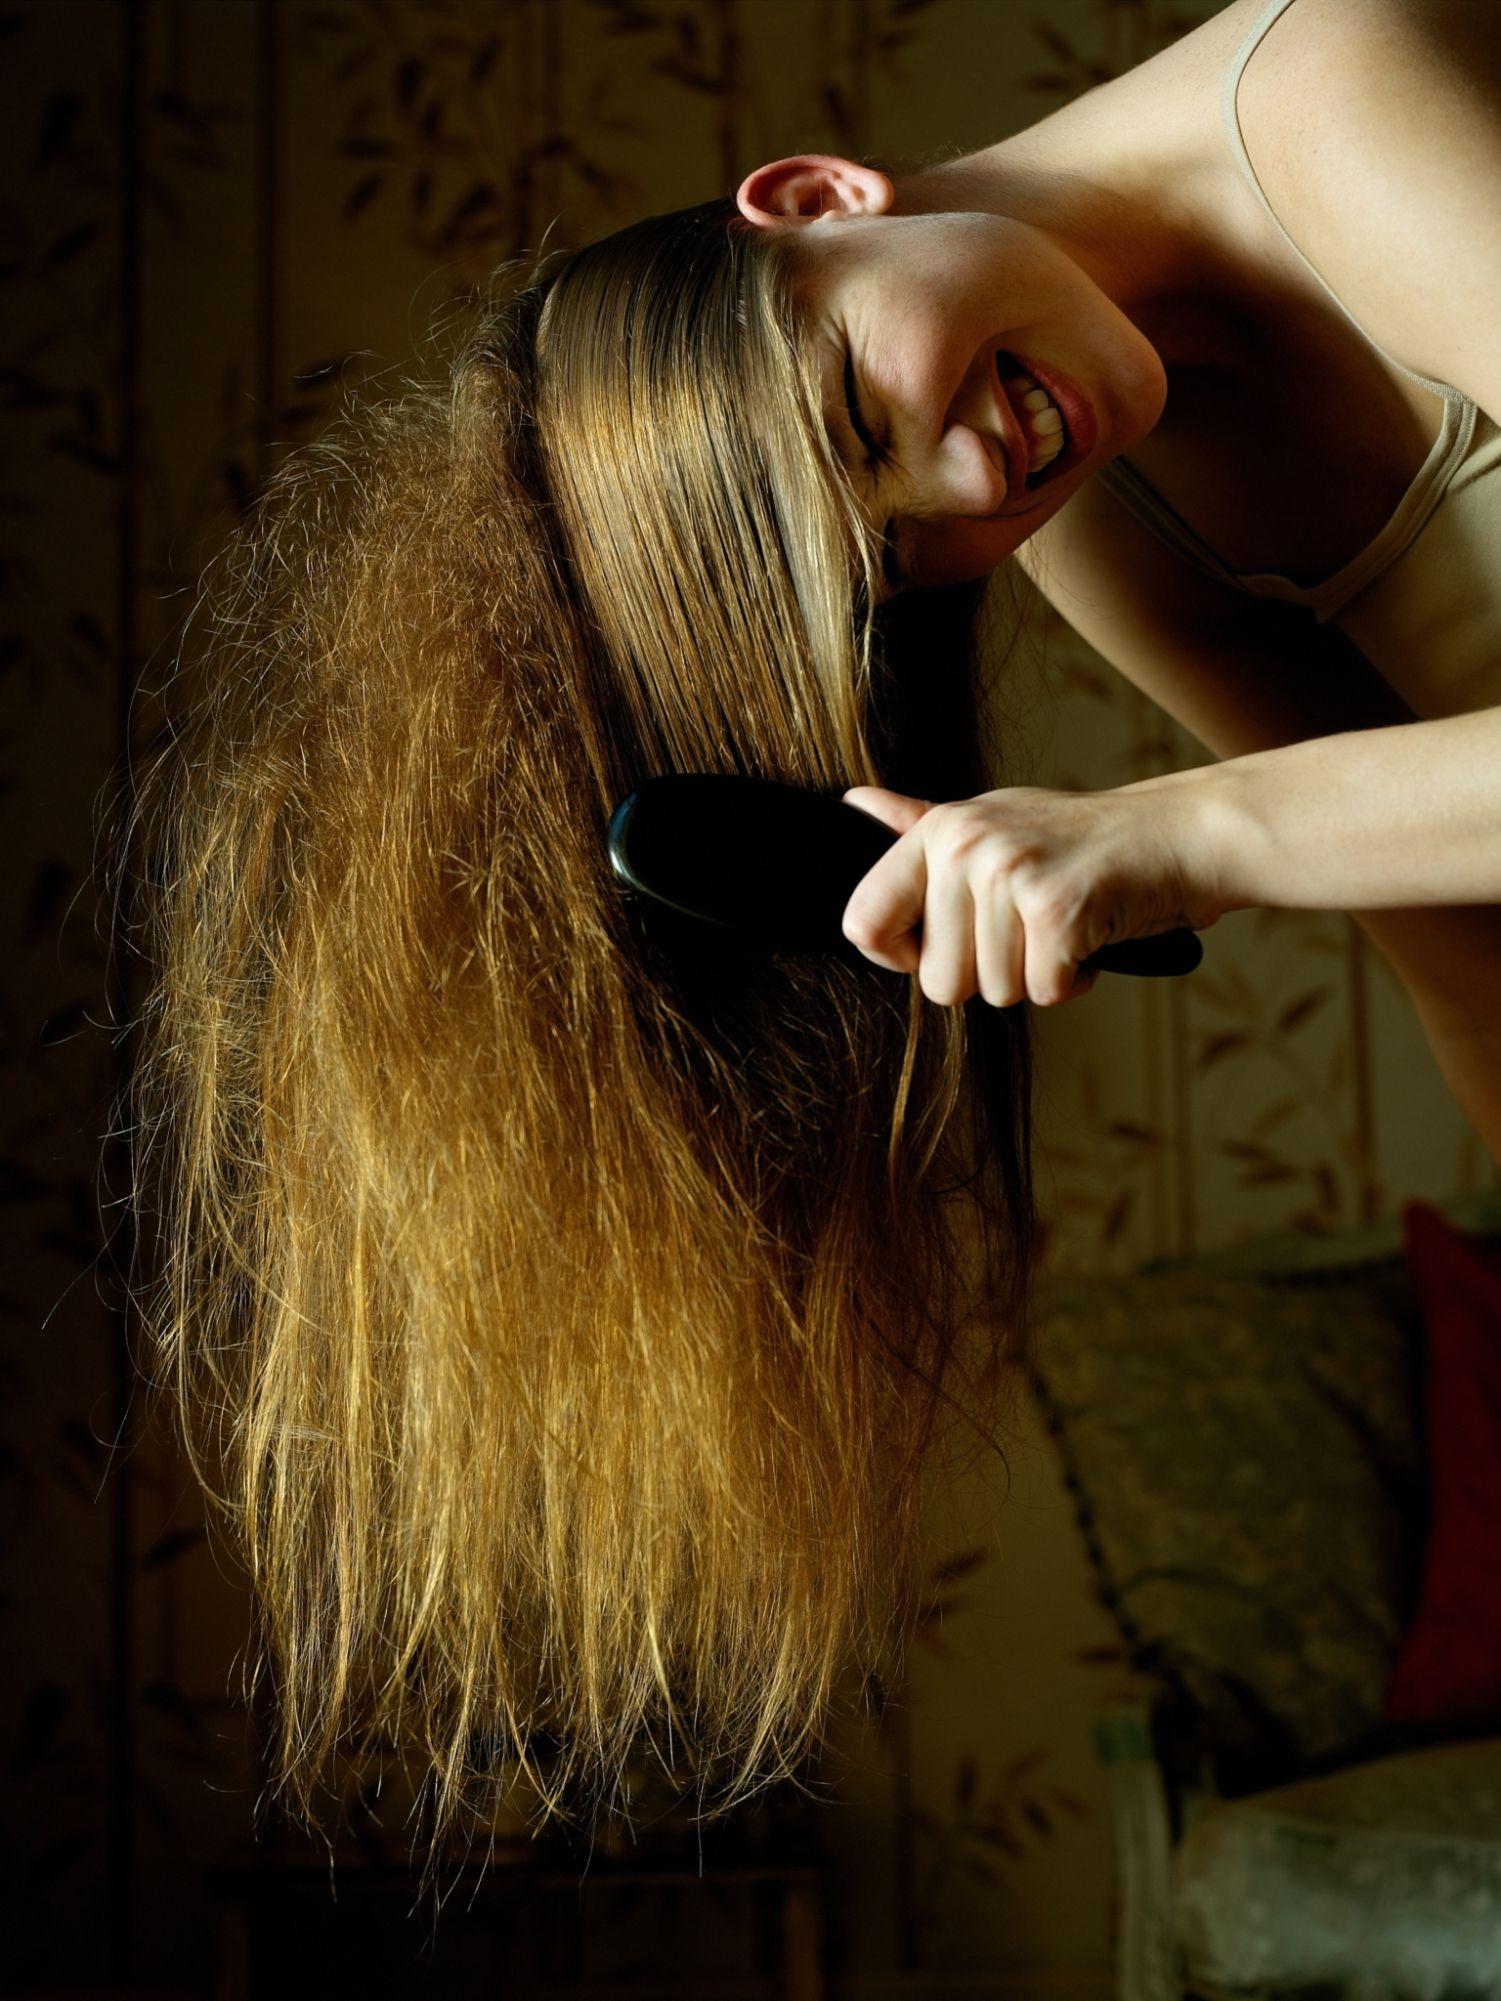 что если сняться запутанные волосы